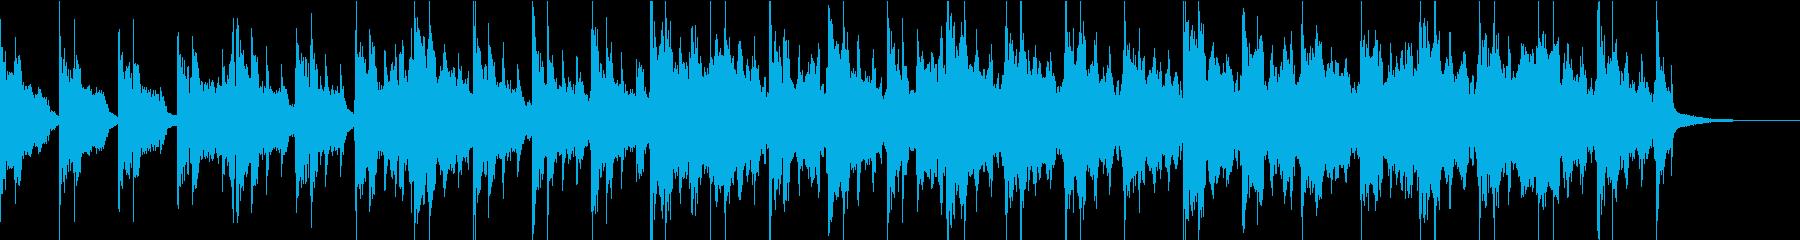 シネマティックなホラー/CMや予告編などの再生済みの波形